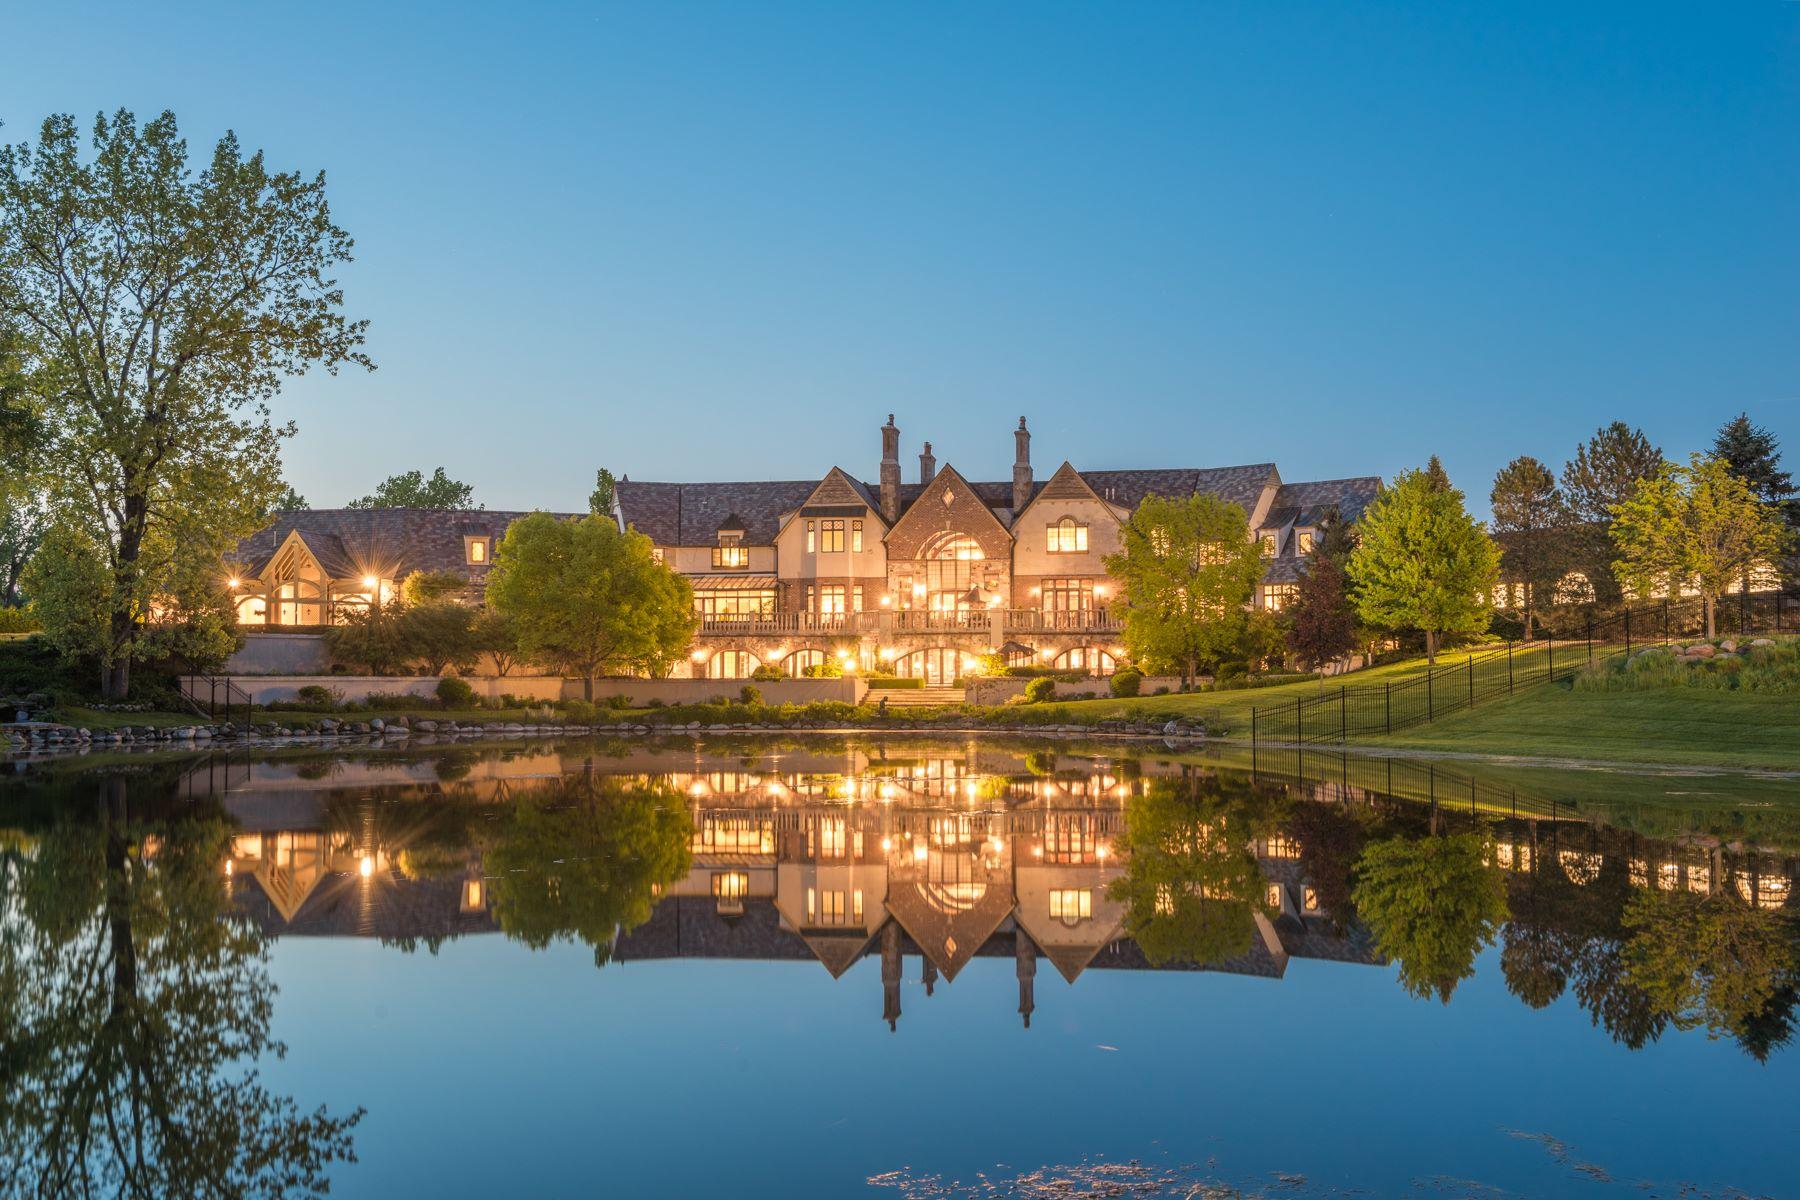 Casa Unifamiliar por un Venta en The Hidden Ponds Estate 7 Fox Hunt Road Barrington Hills, Illinois, 60010 Estados Unidos